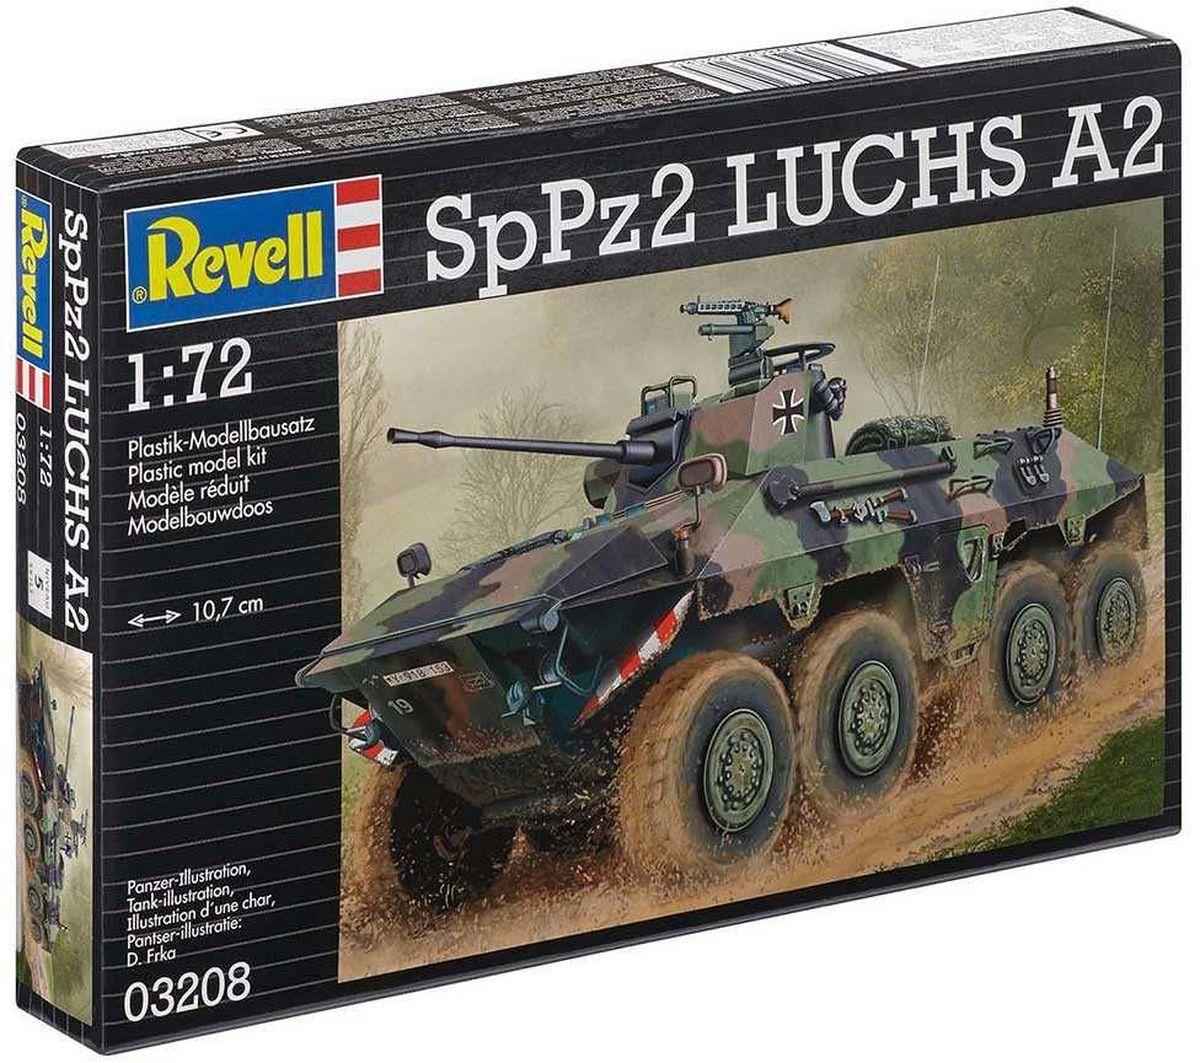 Revell ������� ������ ��������������� SpPz 2 Luchs A2